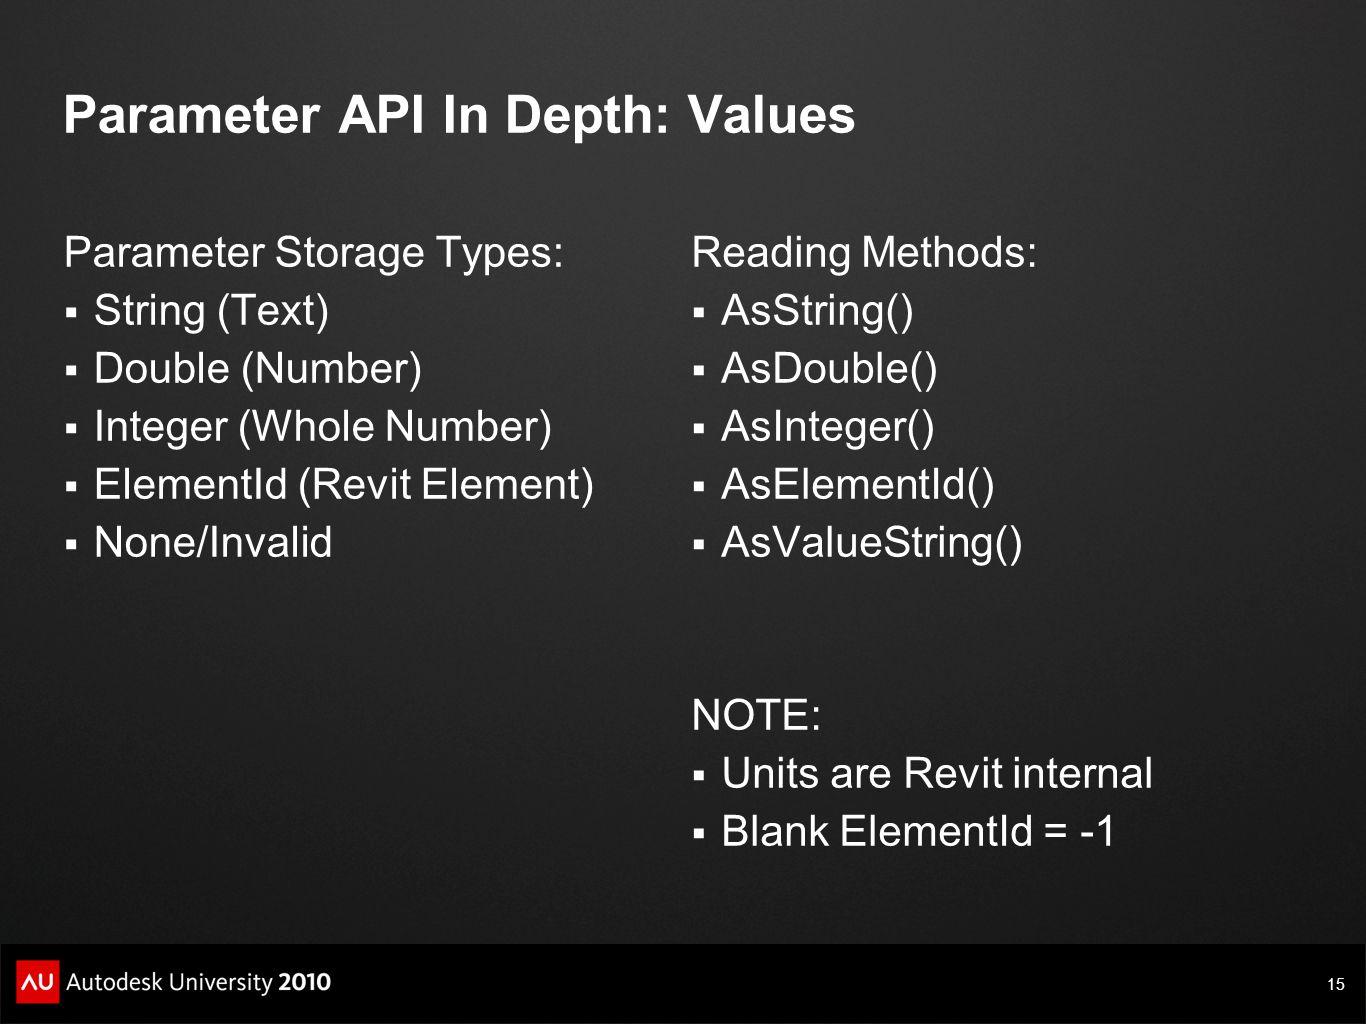 Parameter API In Depth: Values